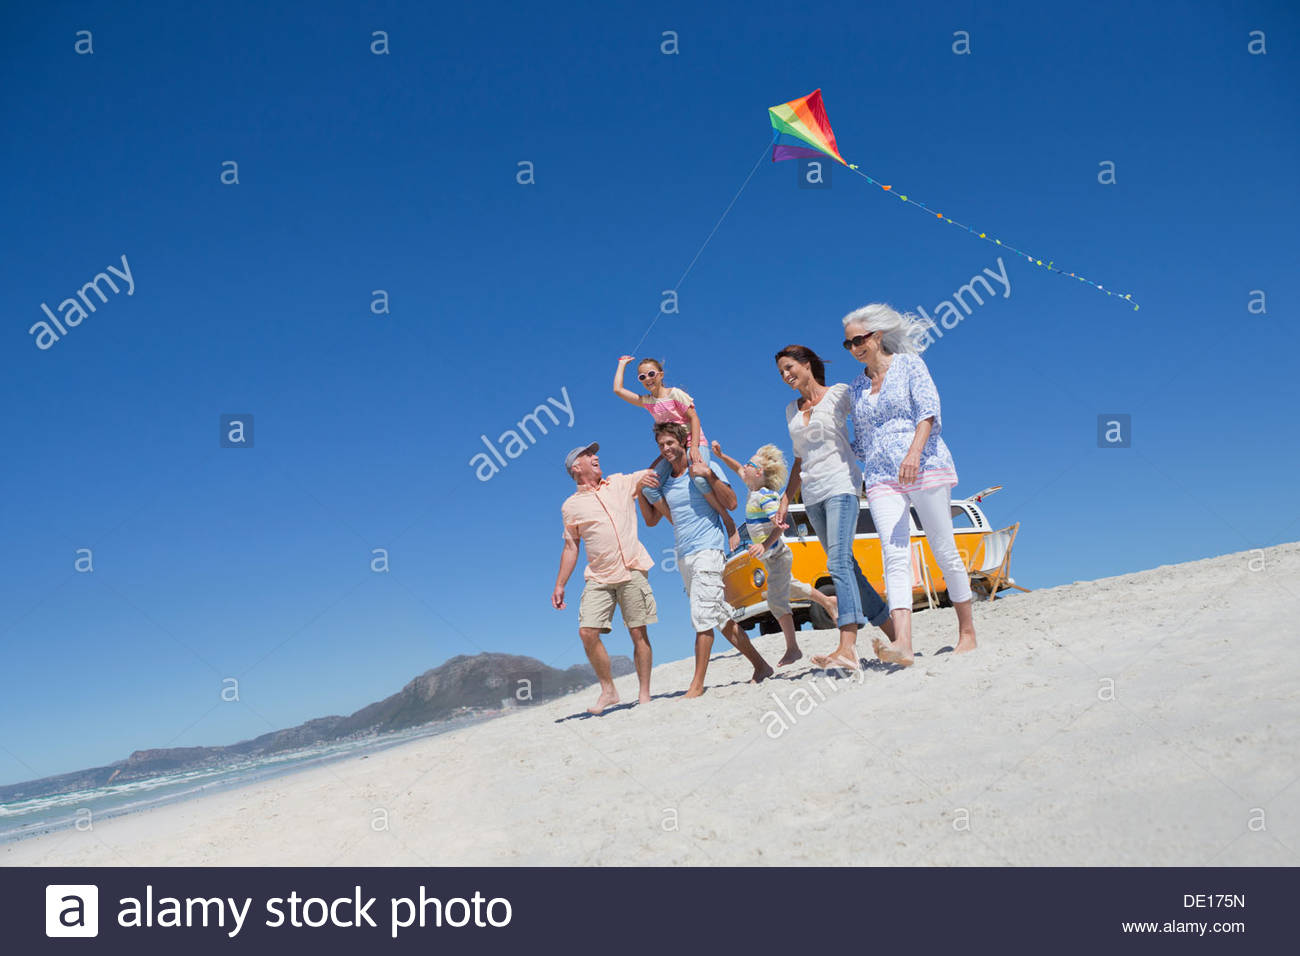 Happy family avec kite walking on sunny beach Photo Stock